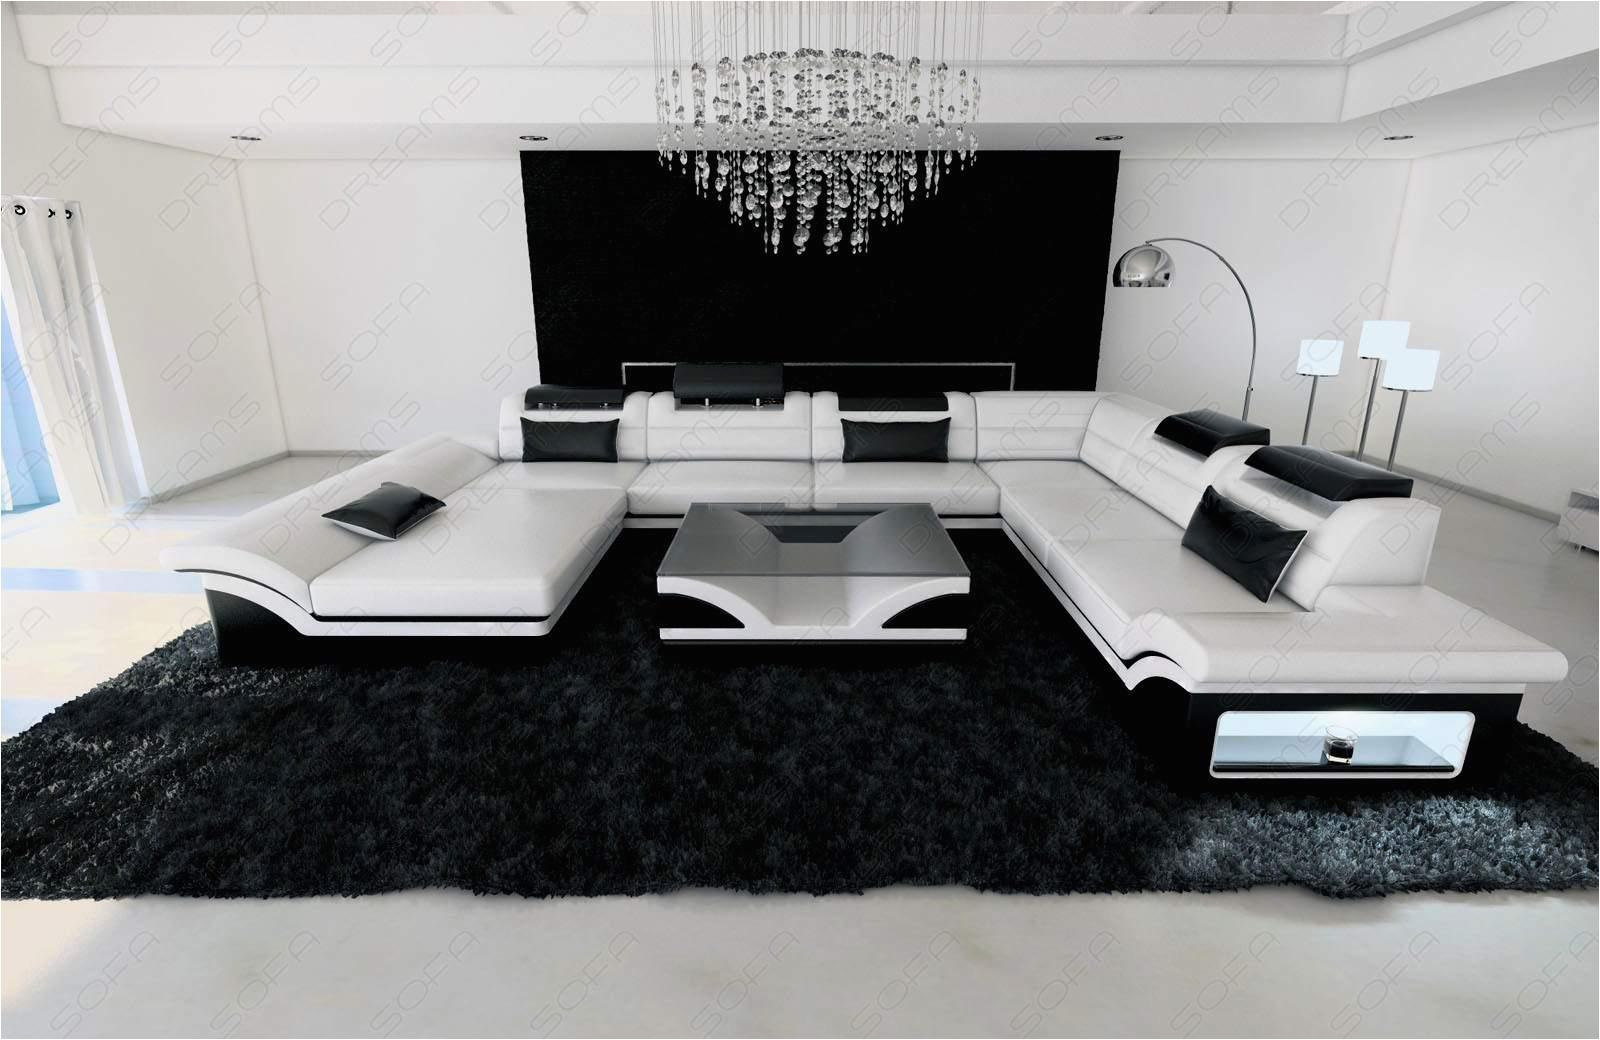 wohnzimmer couch gunstig frisch 33 angenehm trends von xxl couch gunstig kaufen of wohnzimmer couch gunstig